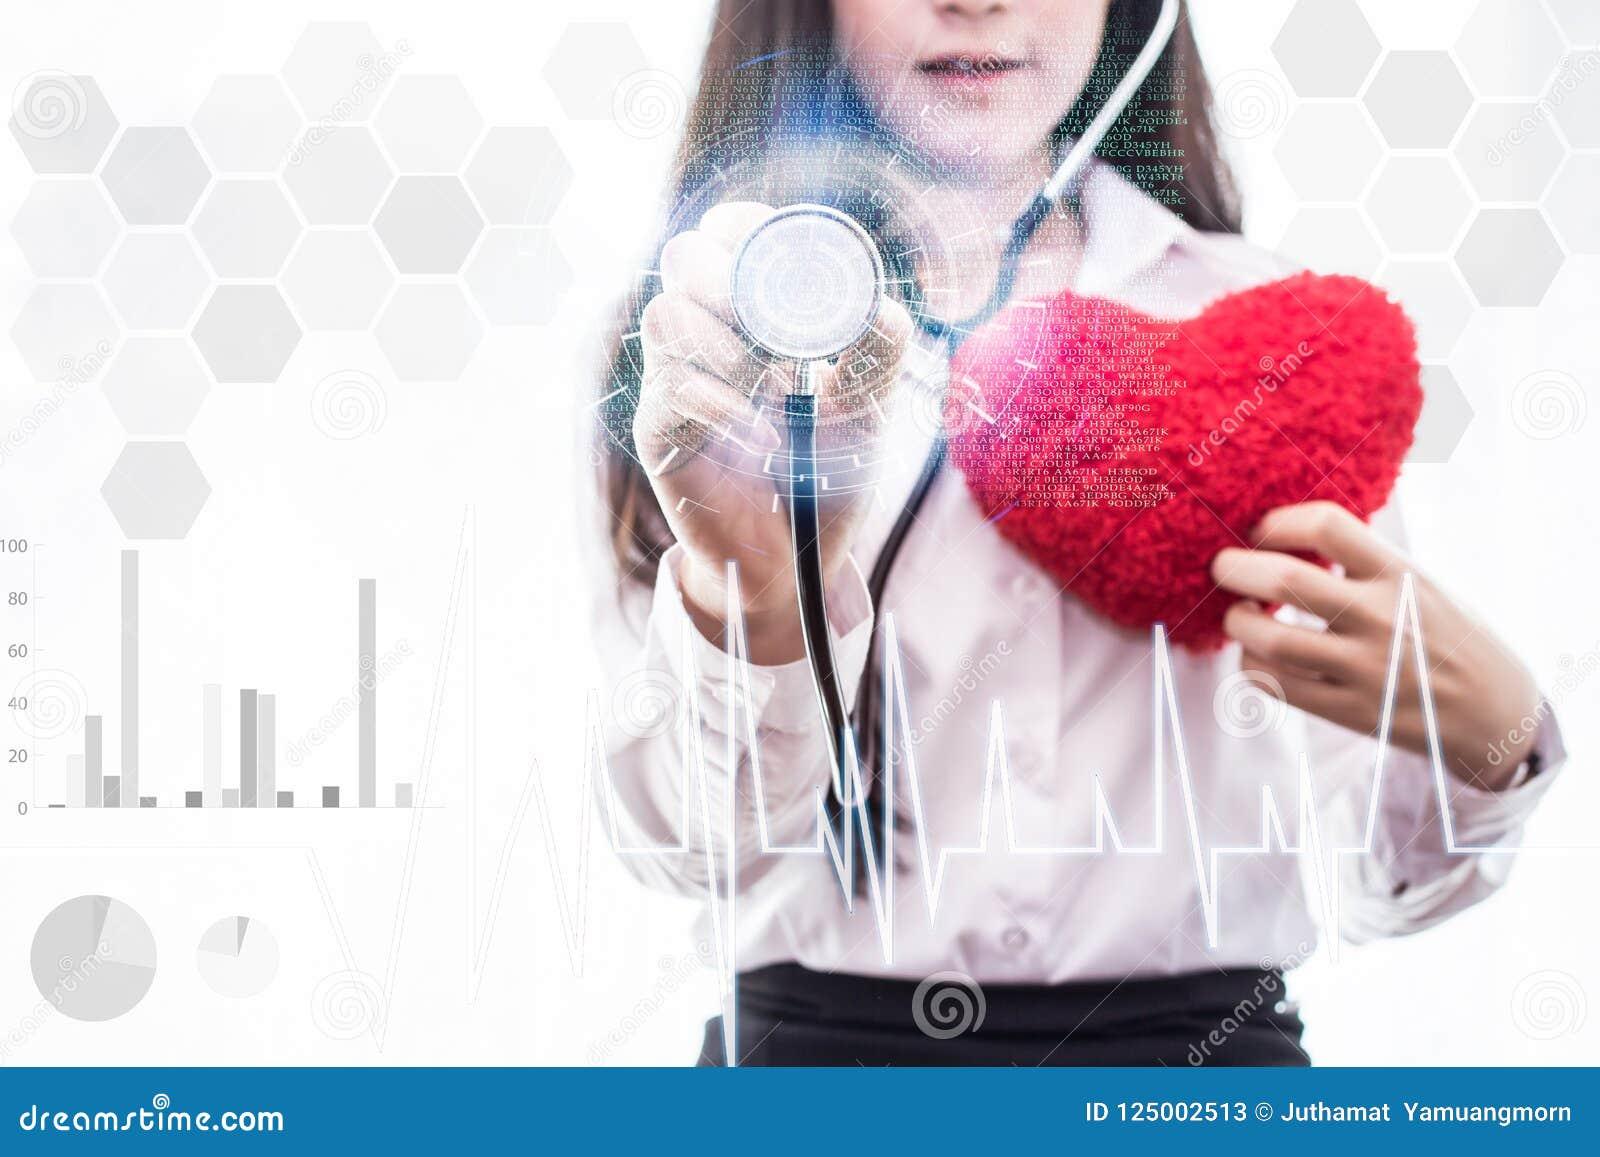 Medizinfrau behandeln Sie das Halten Network Connection der rührenden Ikone des Stethoskops der medizinischen Schnittstelle virtu